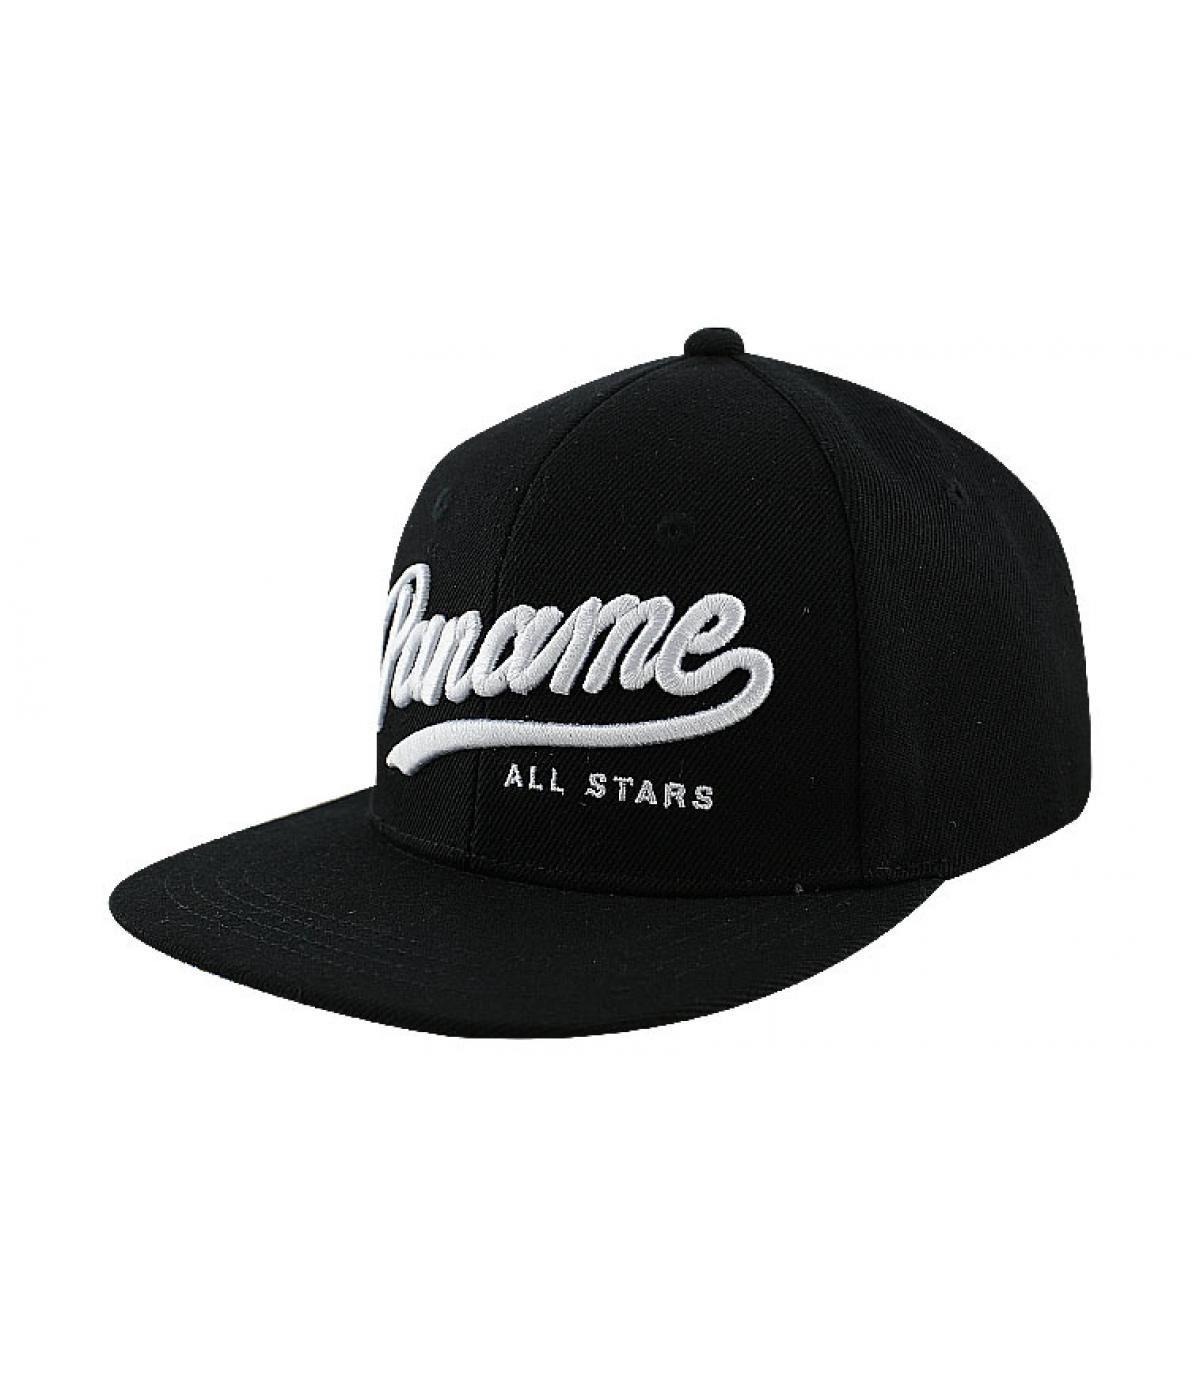 Wrung schwarze Cap